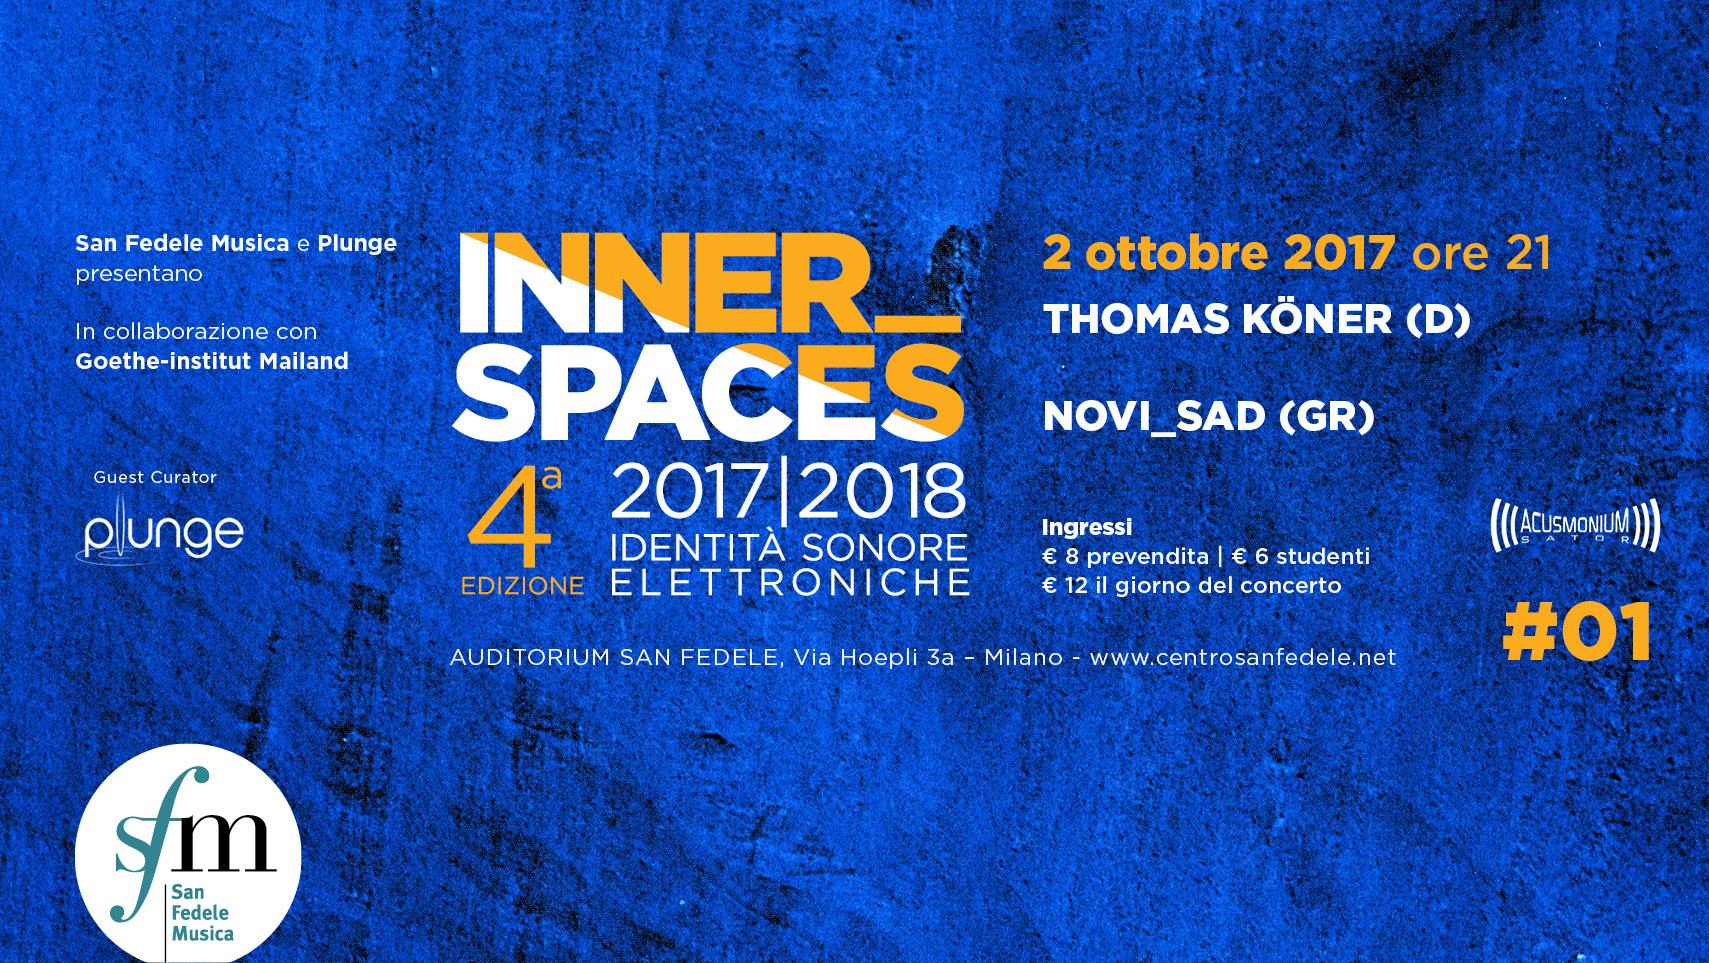 INNER_SPACES